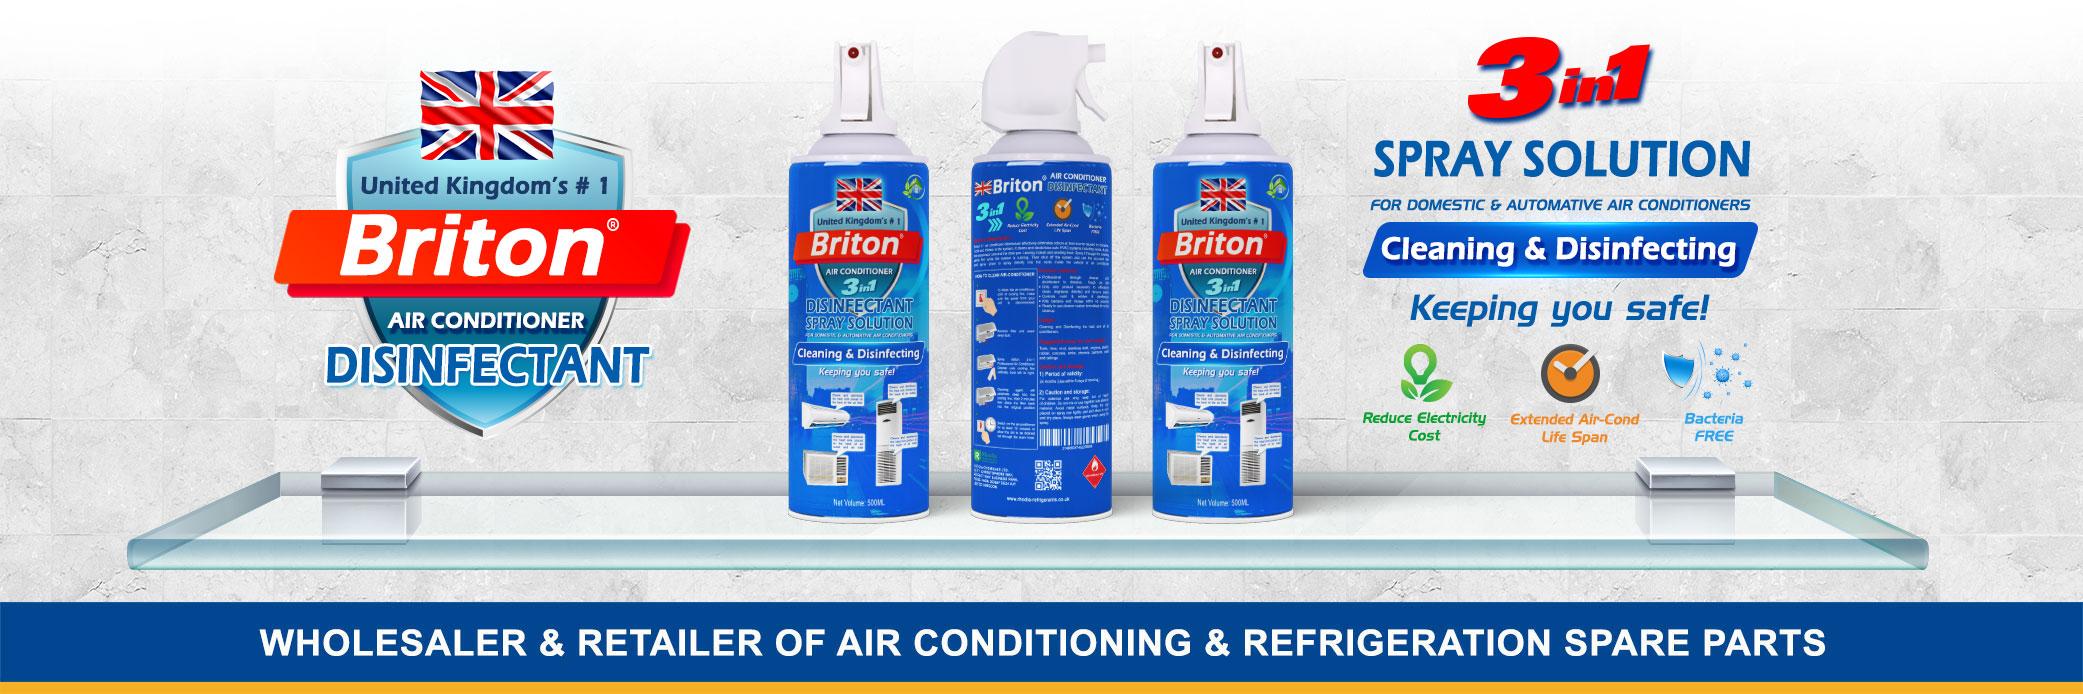 Briton Disinfectant Spray in Dubai